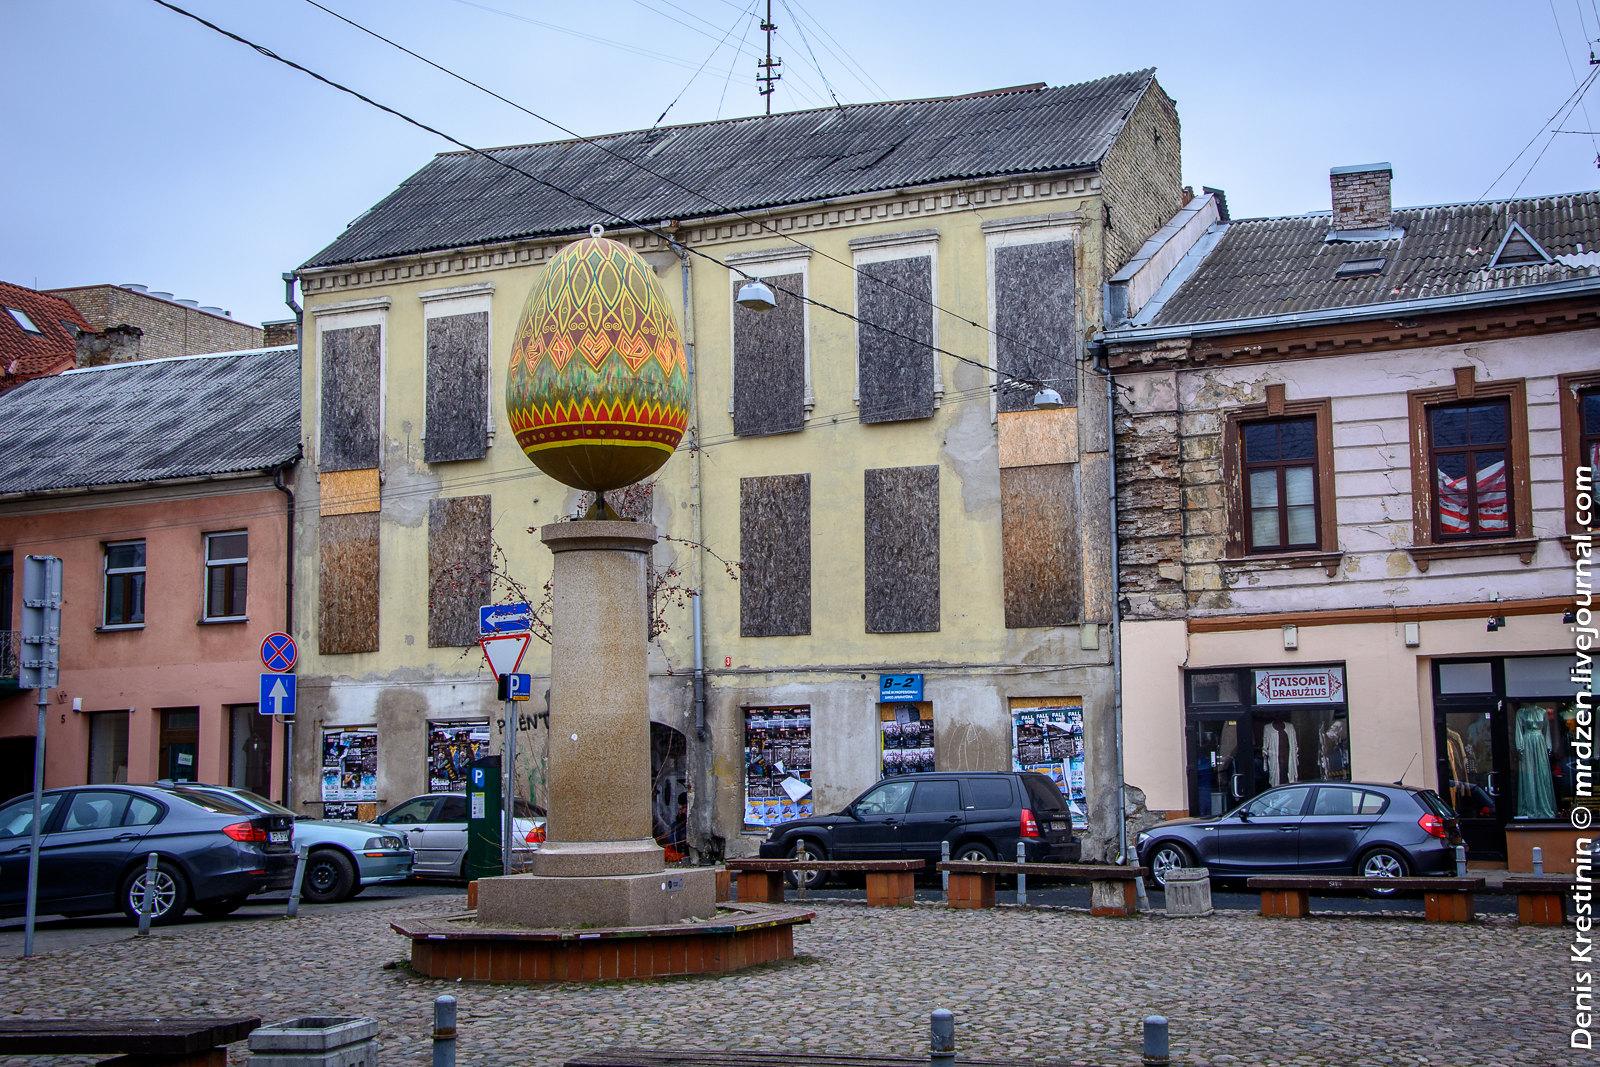 Вильнюс. Маргутис (пасхальное яйцо) на пересечении улиц Святого Стяпоно и Пилимо.